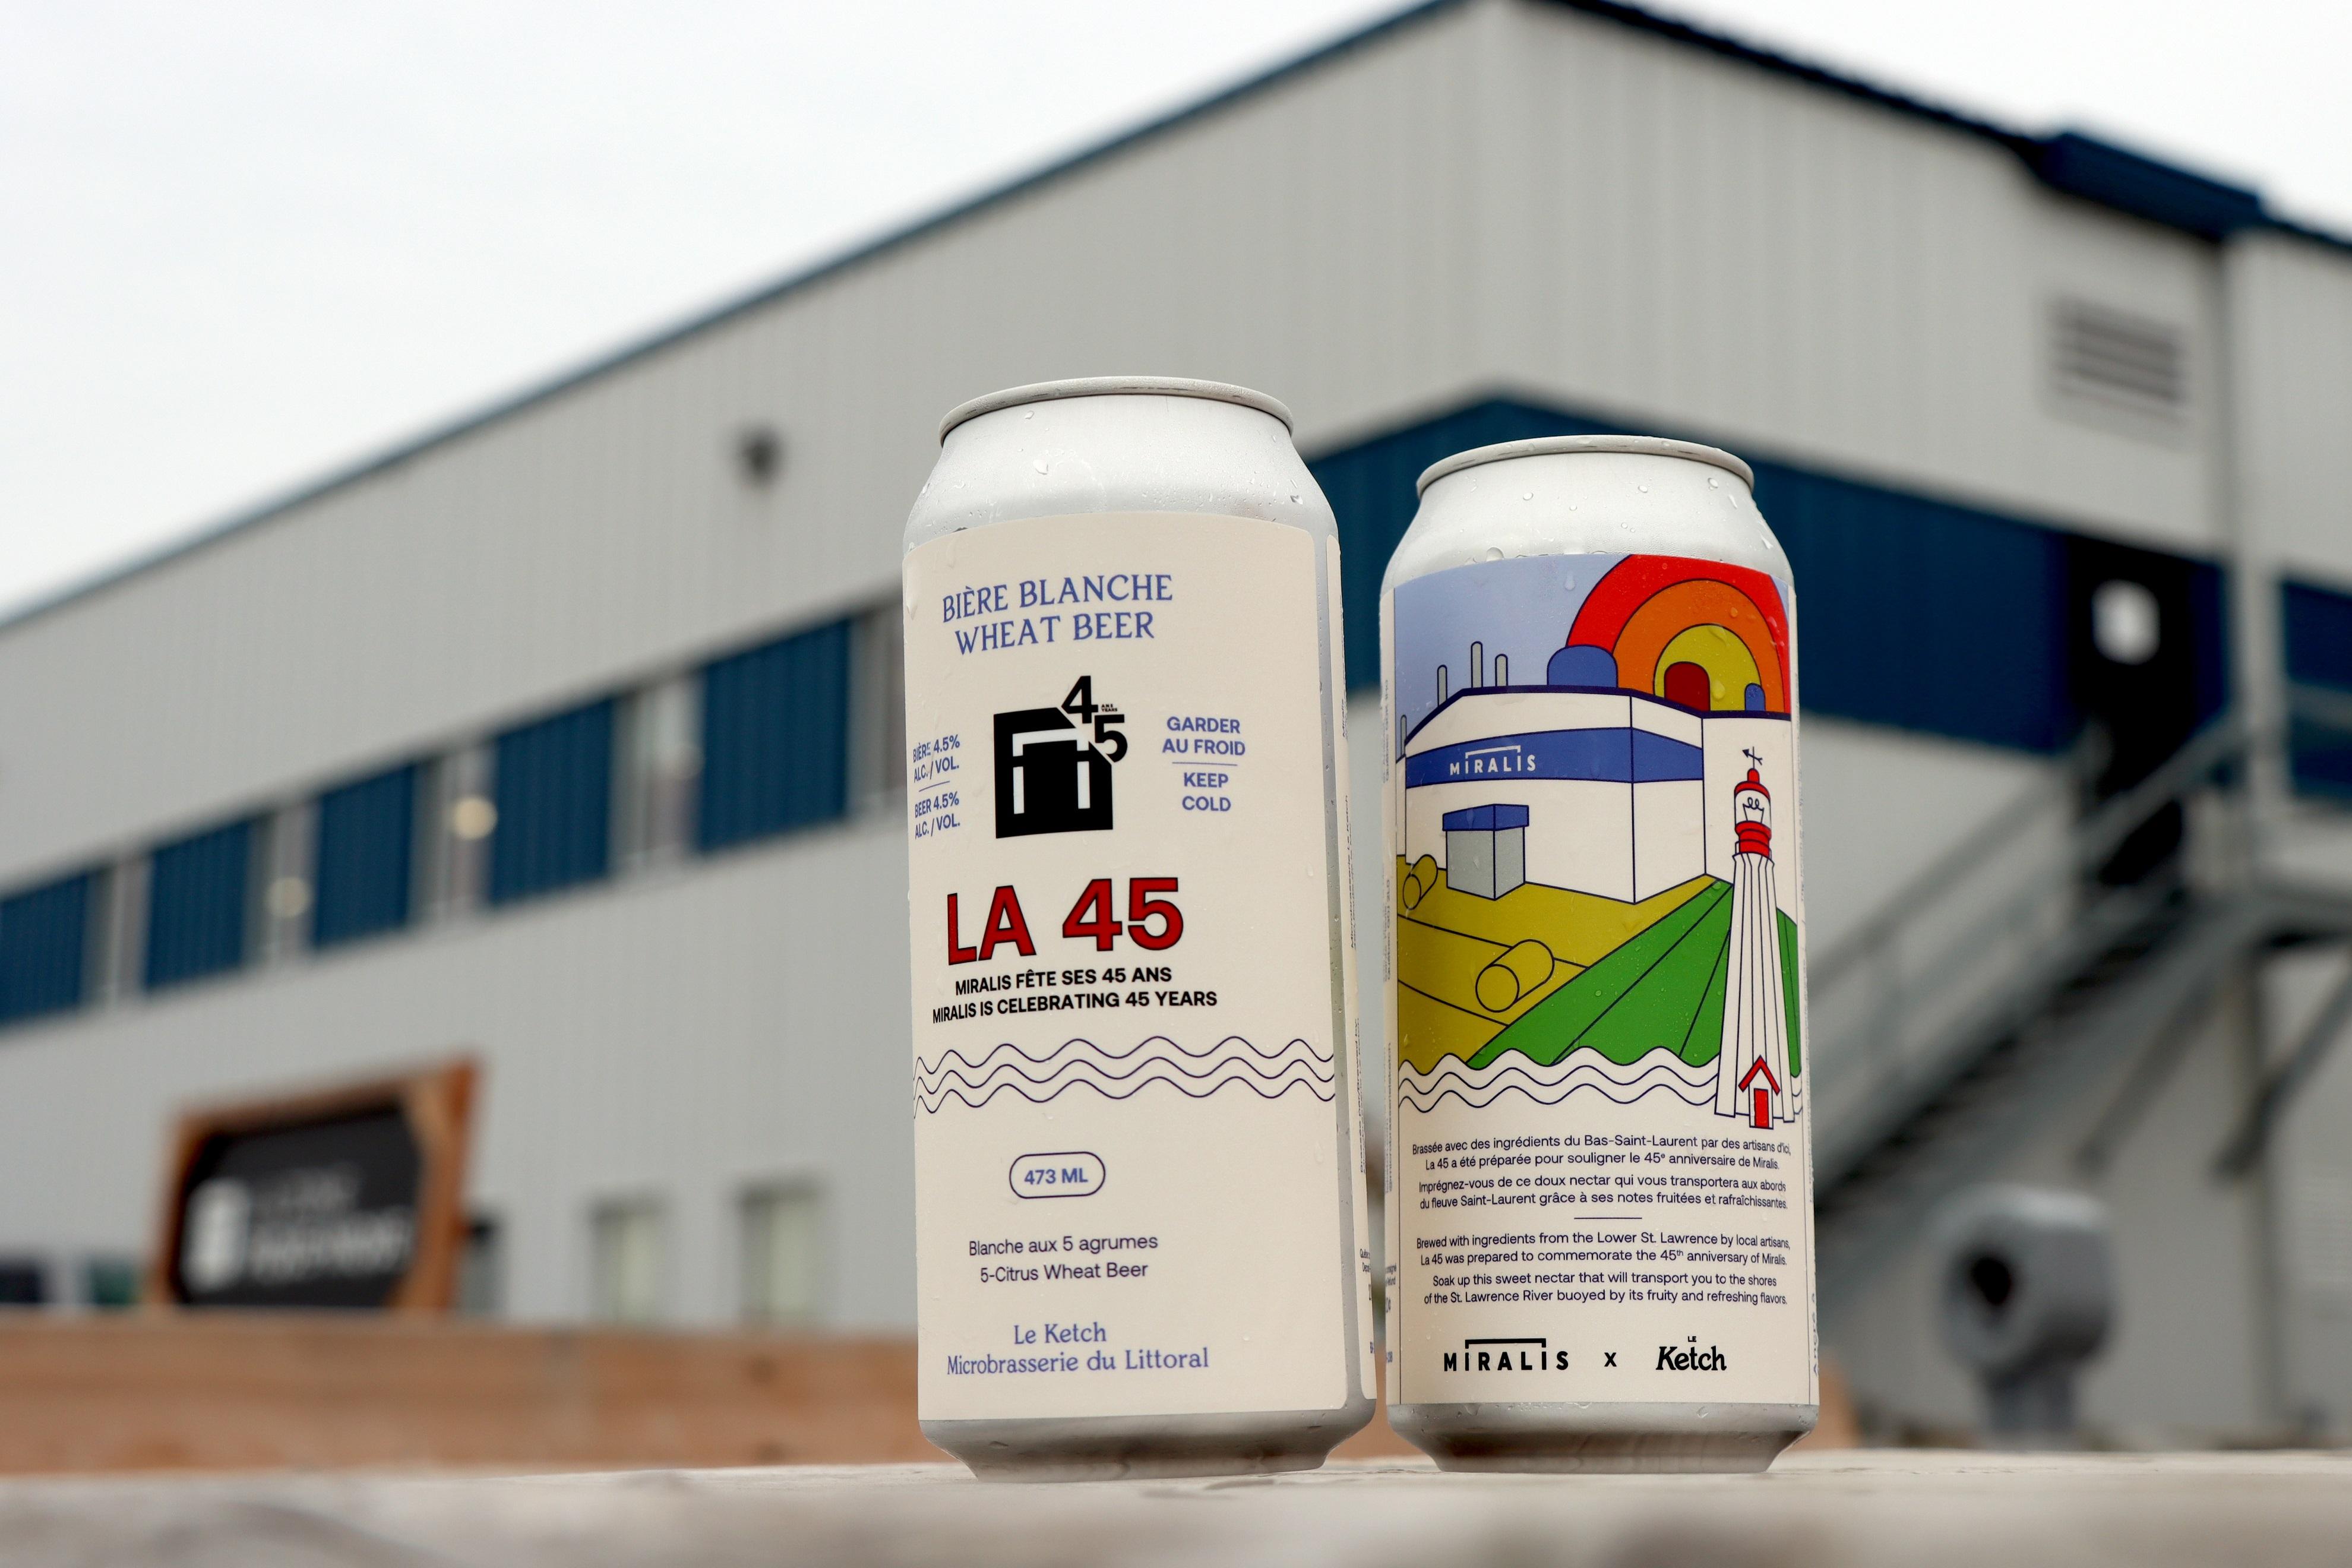 En collaboration avec la microbrasserie Le Ketch de Sainte-Flavie, l'entreprise a eu l'idée de lancer « La 45 ». Miralis.